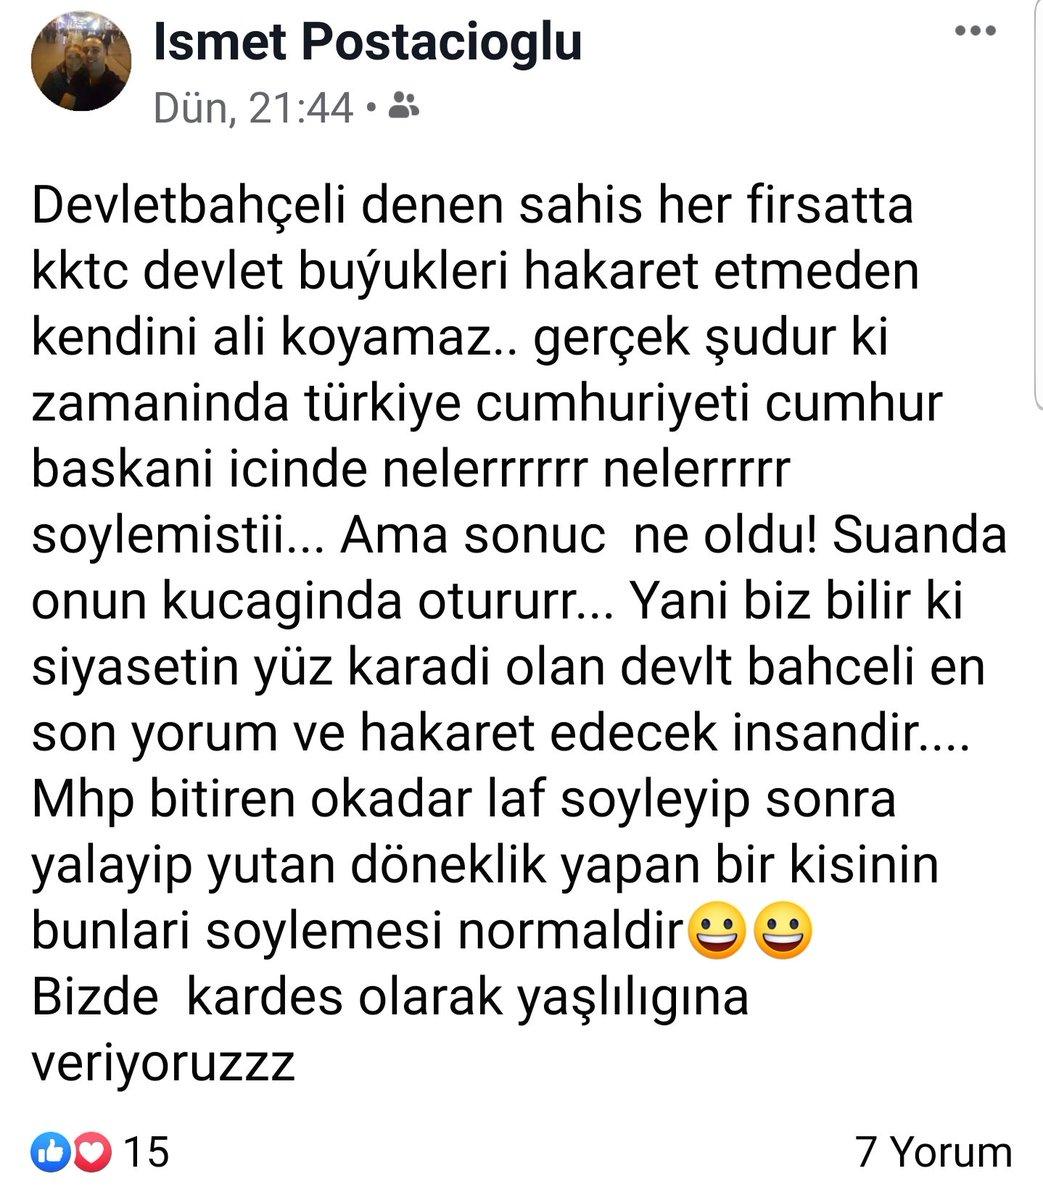 Uyuşturucu satıcısı ismet postacı #Gazimağusa'da oto alım satm işi yapınca biti kanlanmış ve Hasan Hulisioğlu ile Sayın @dbdevletbahceli ye dil uzatma cesareti bulmuştur. @KKTCUlkuOcak @KktcUlkuOcagi @MagosaOcak @fatiharici61  bu şahsı sizlre şikayet edyorz @TC_Lefkosa @mbasceri